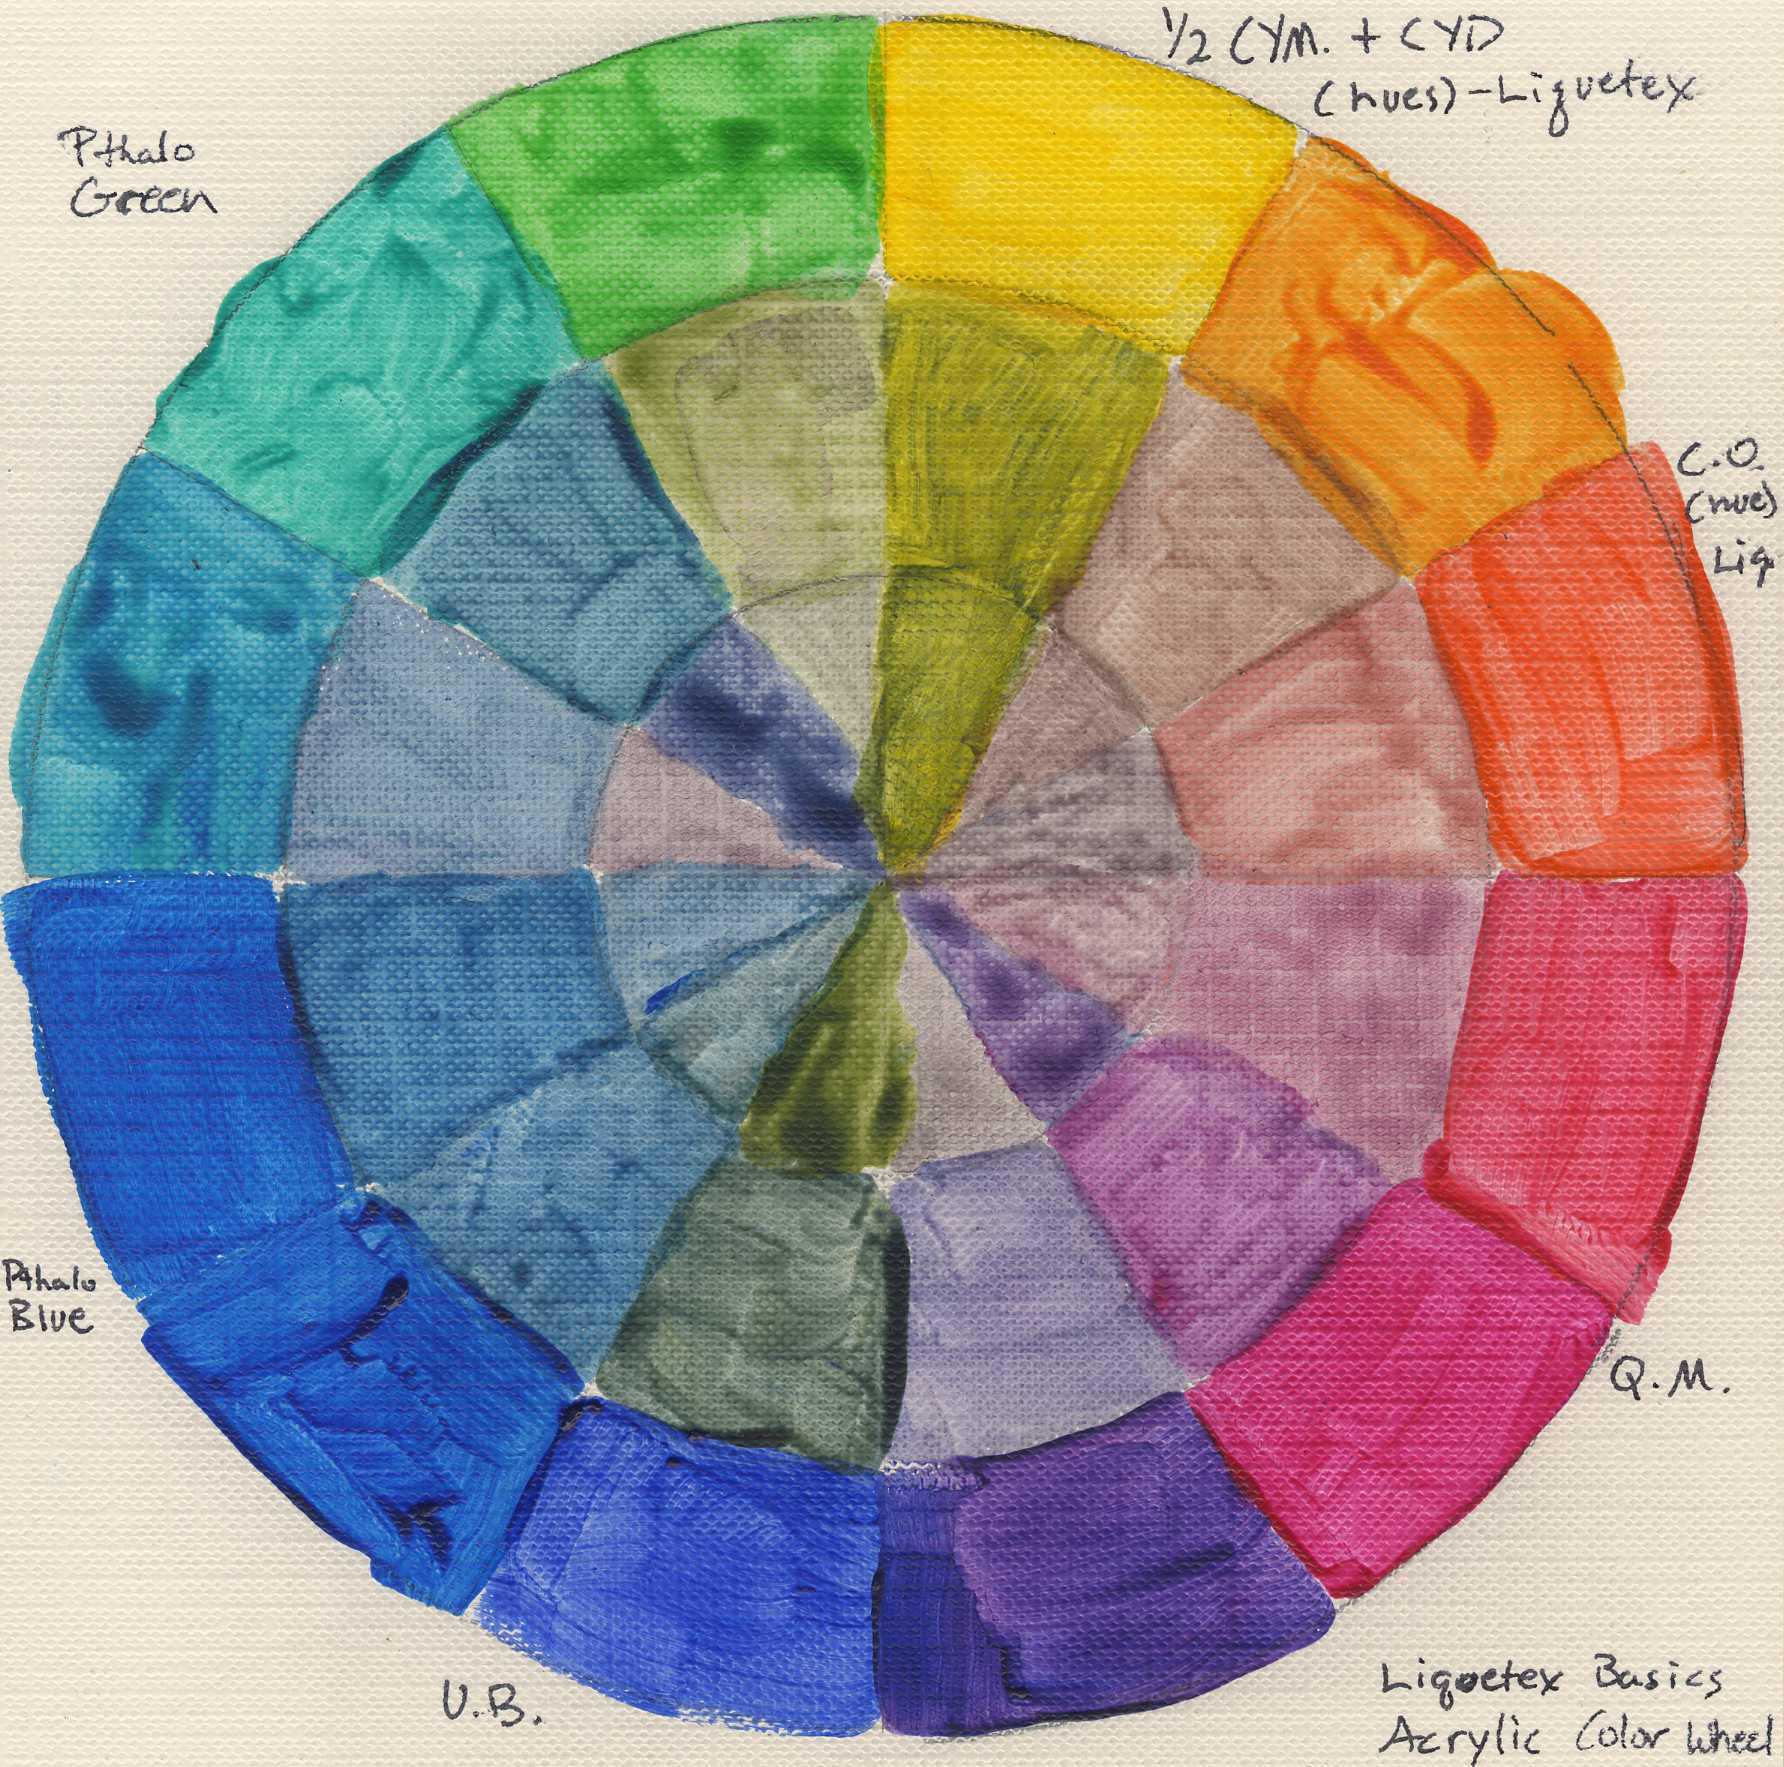 Color-mixing-chart-Acrylic-6-color-Liquetex-Basics034